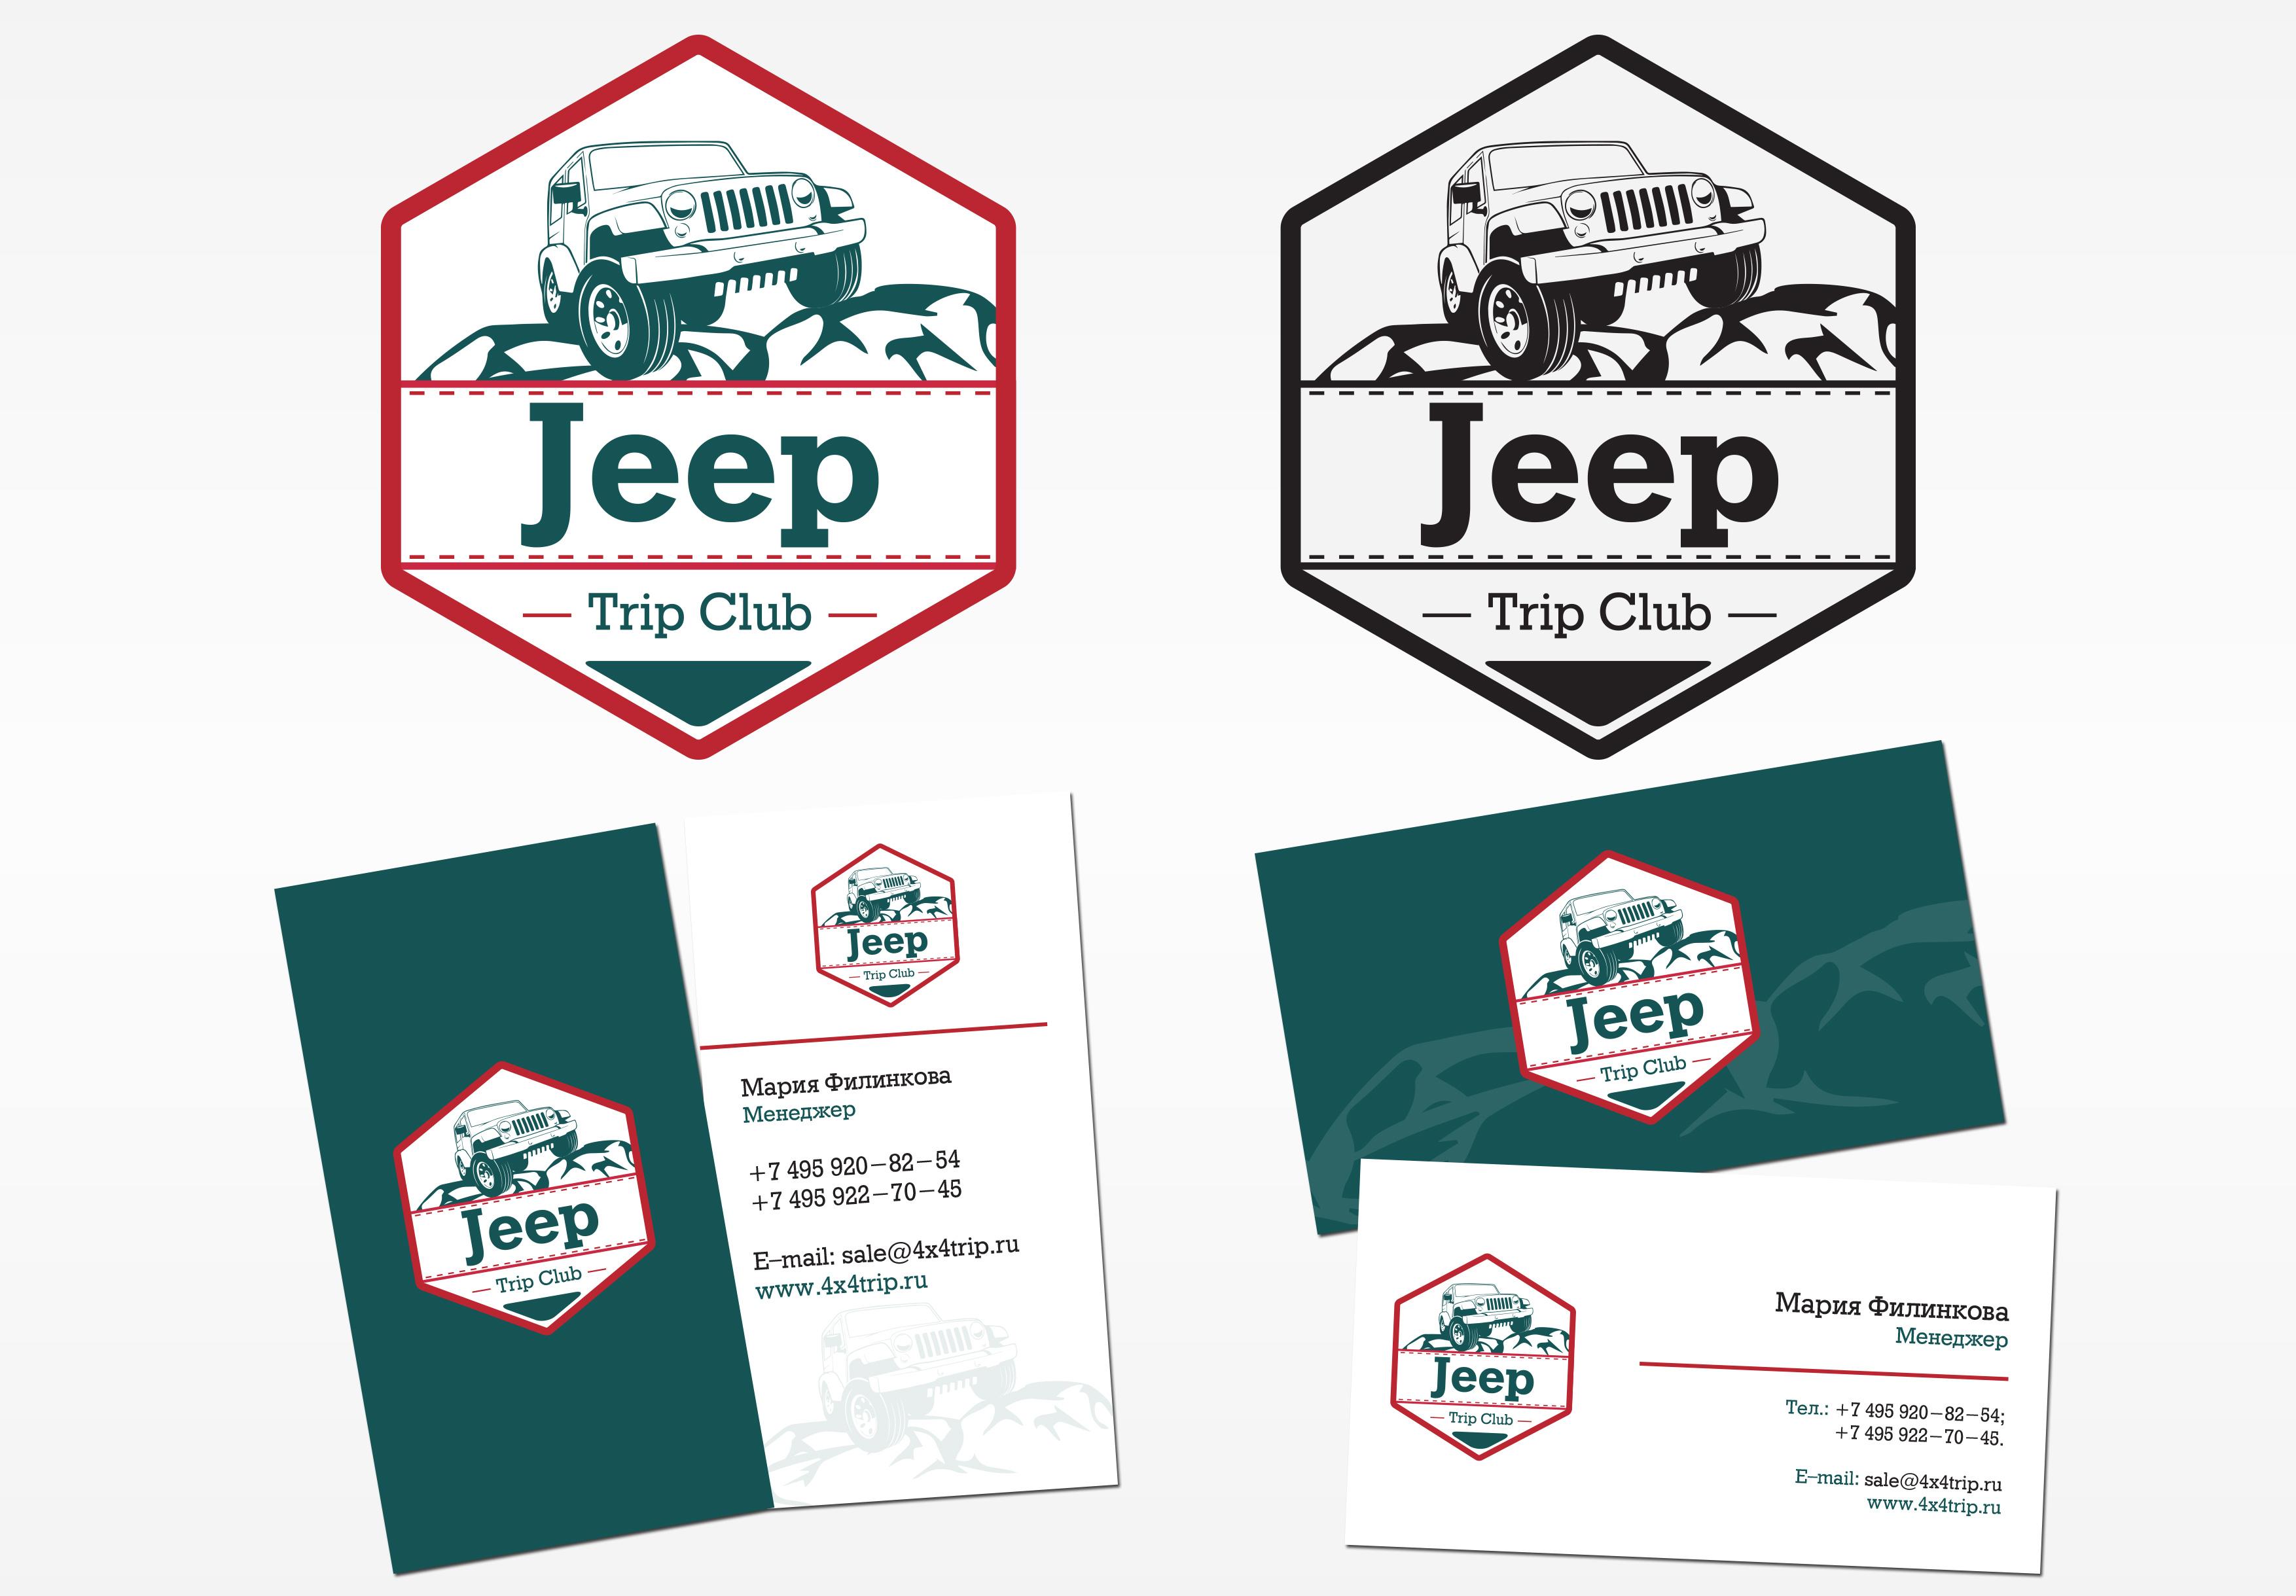 Создать или переработать логотип для Jeep Trip Club фото f_783542b8fa64a9b6.jpg